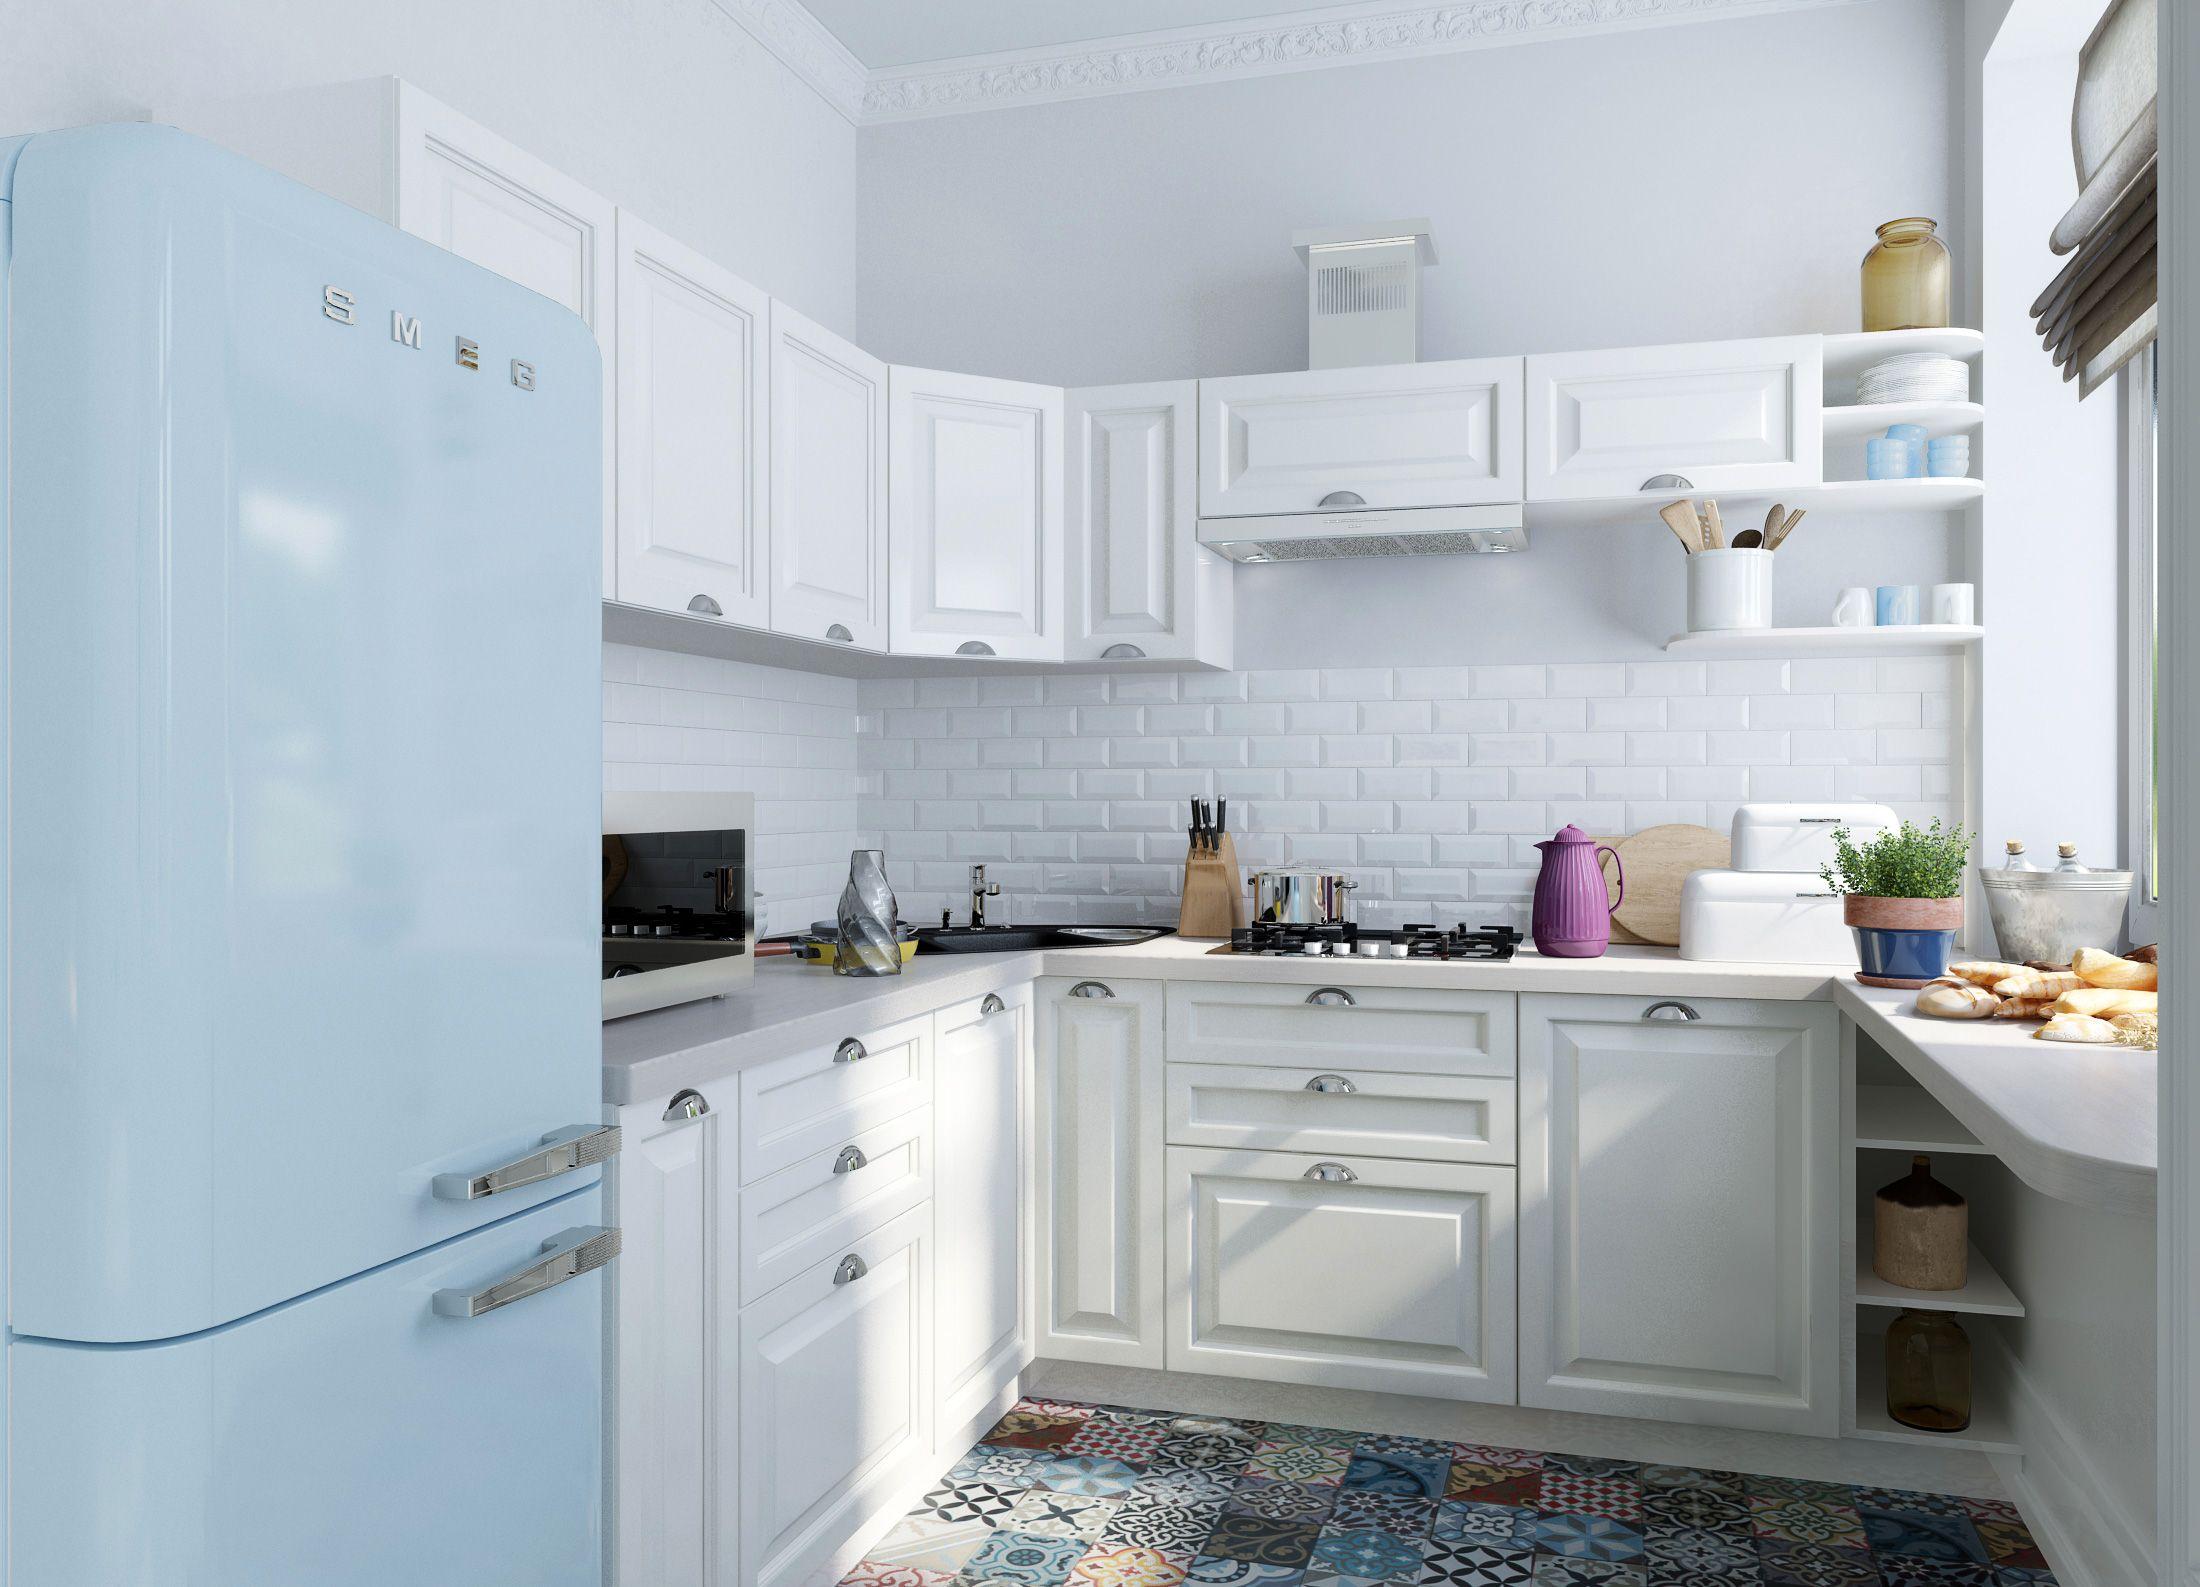 cocina blanca suelos ceramica | Diseños de cocinas | Pinterest ...